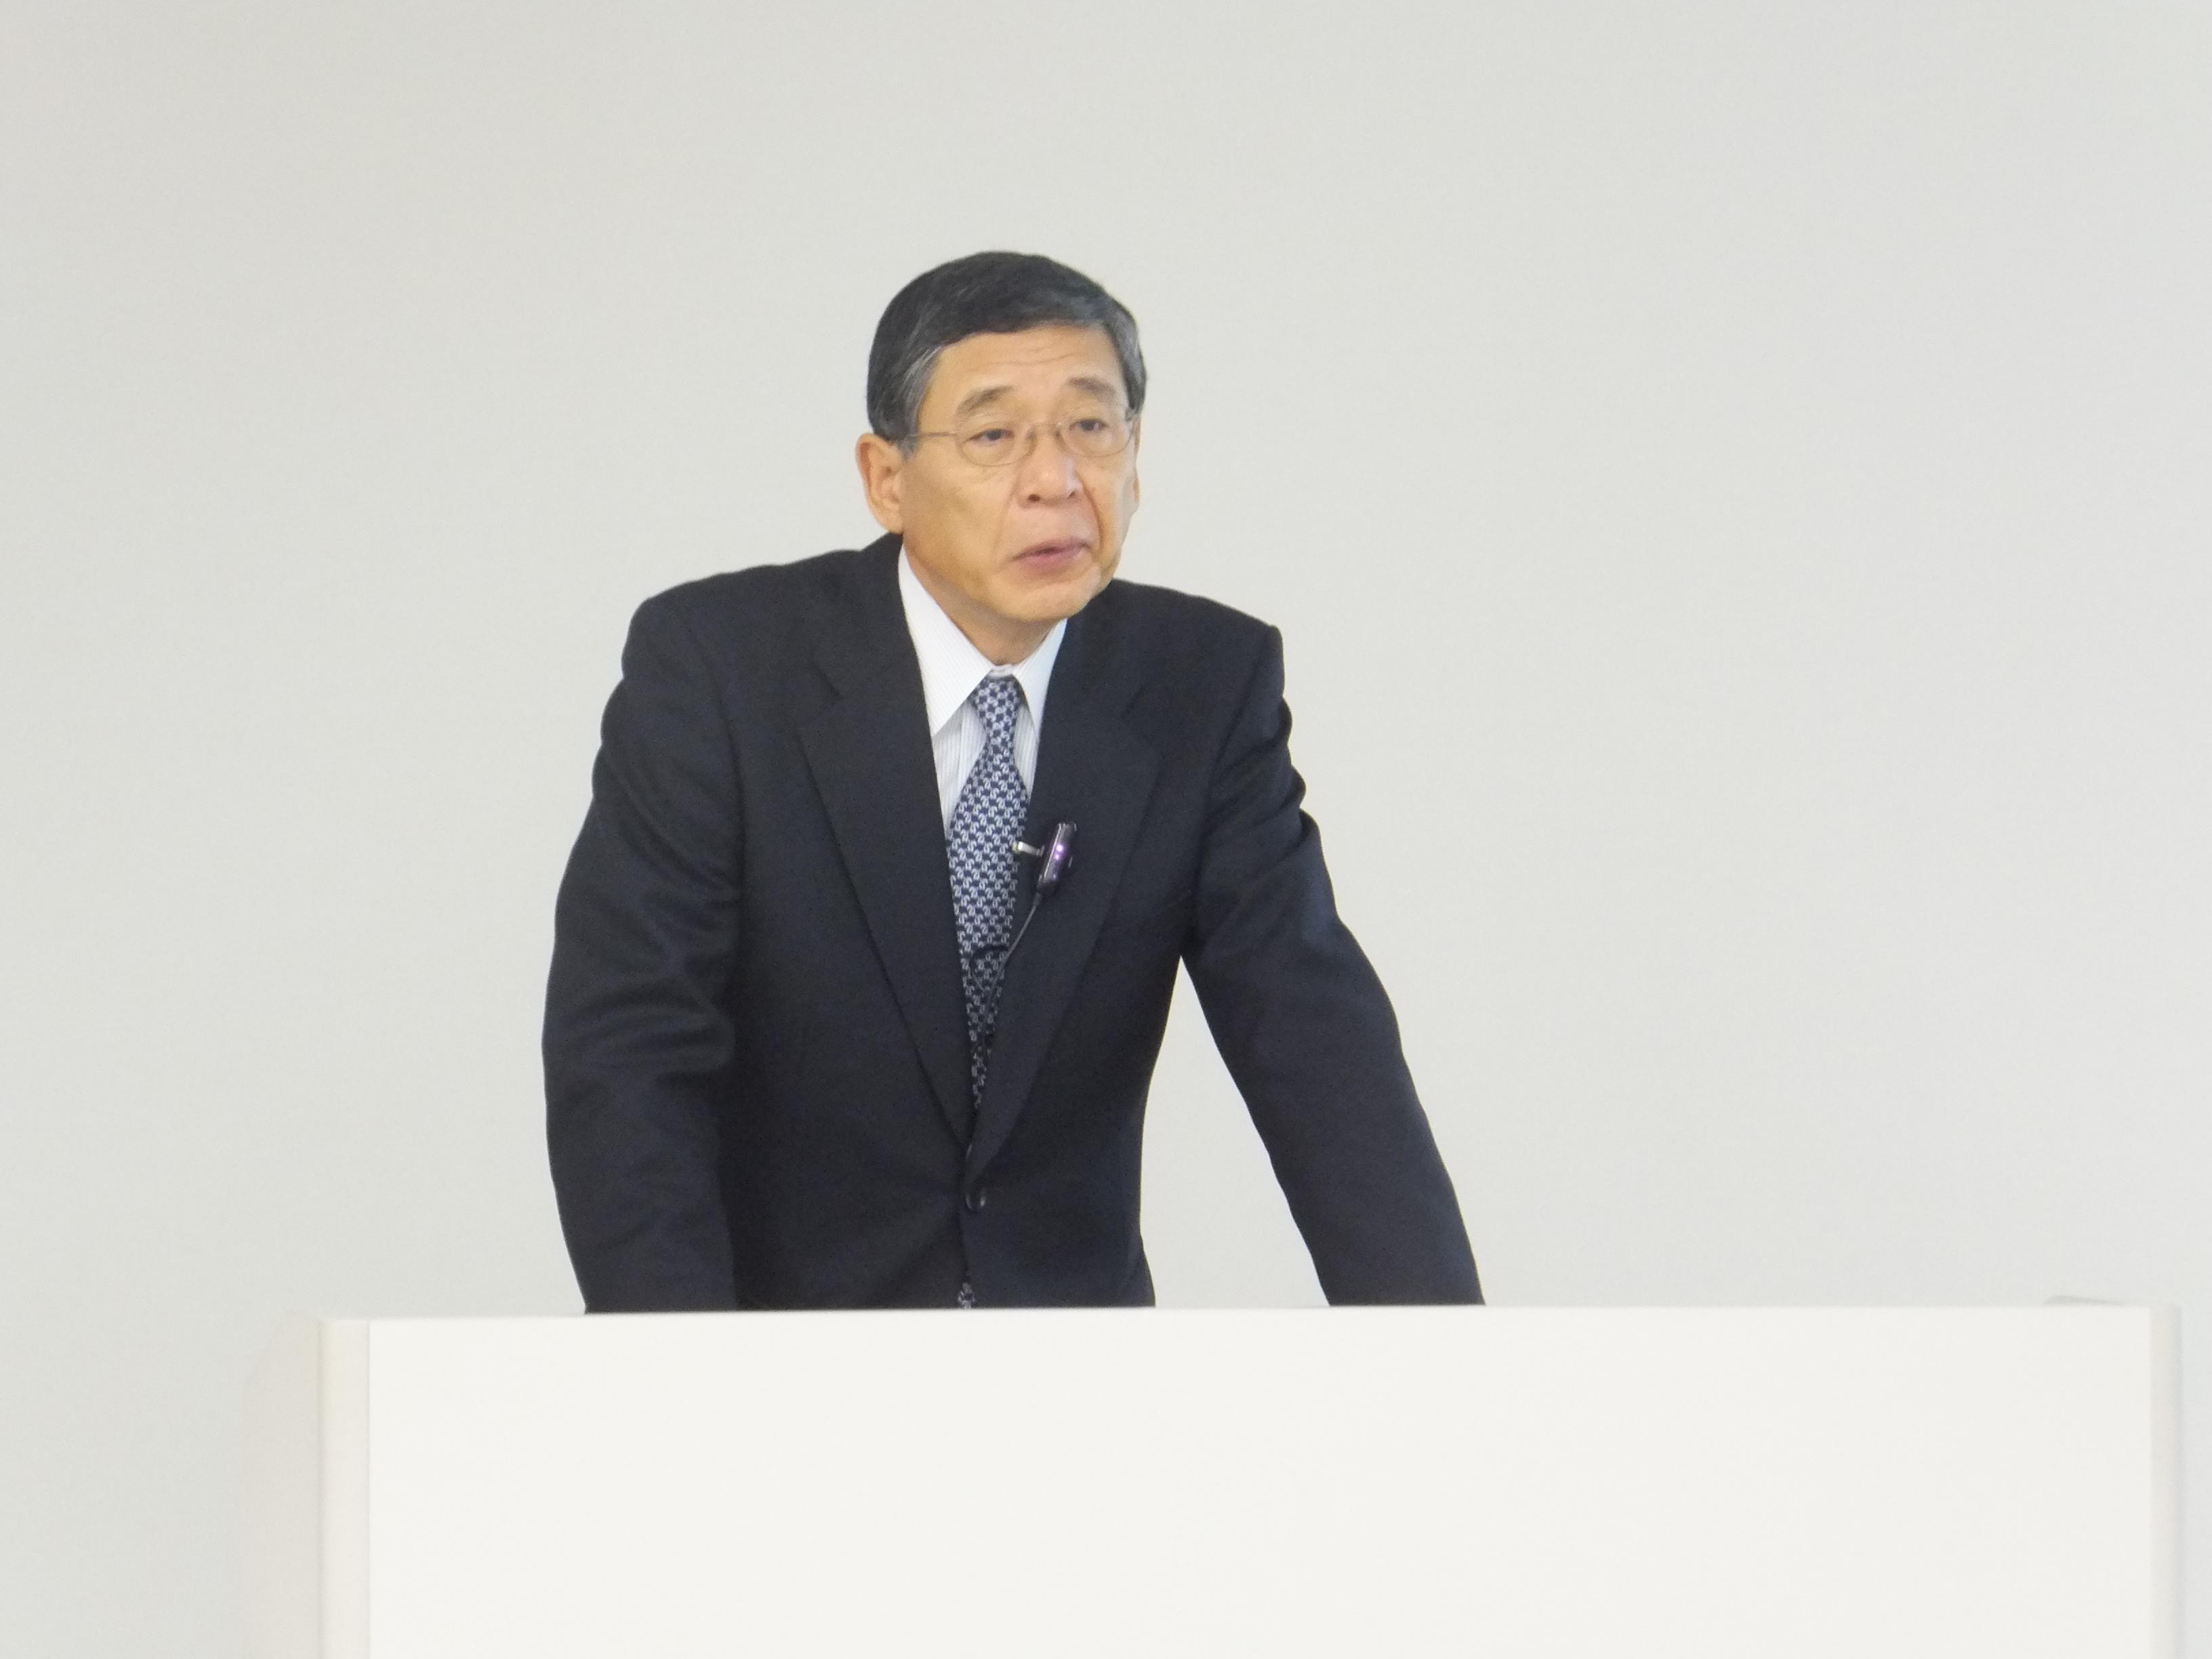 解説する南執行役員